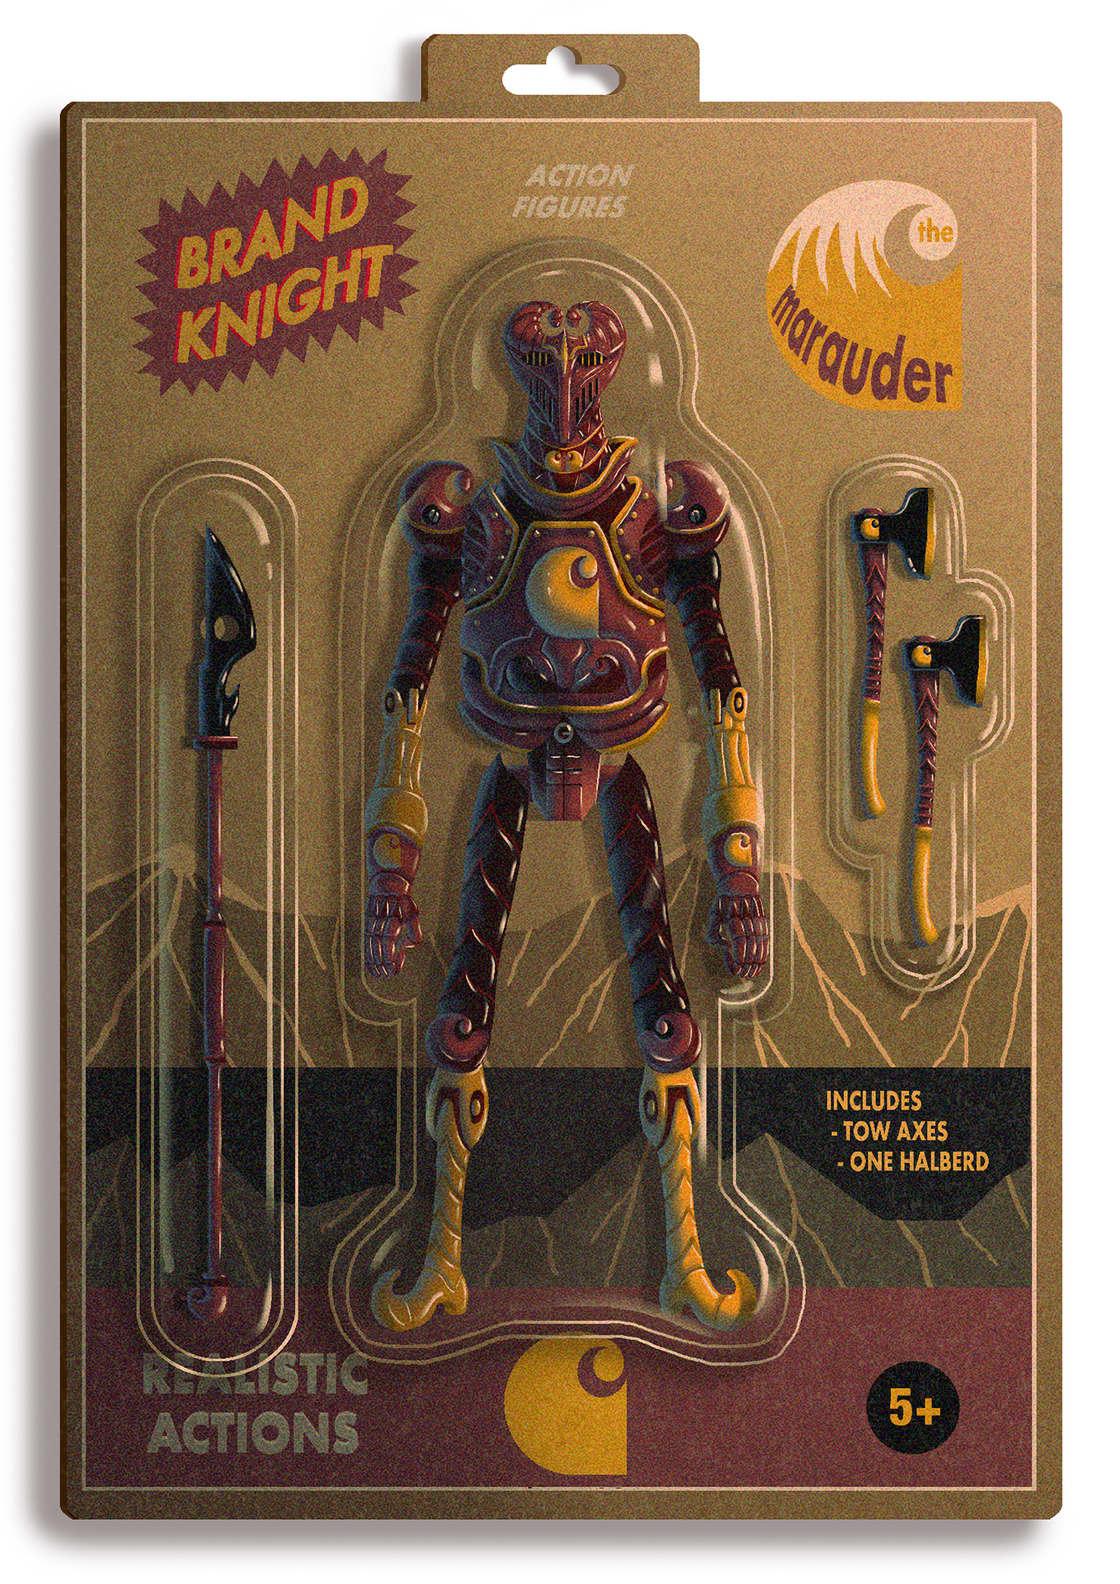 Brand Knight - Quand les marques celebres deviennent des jouets